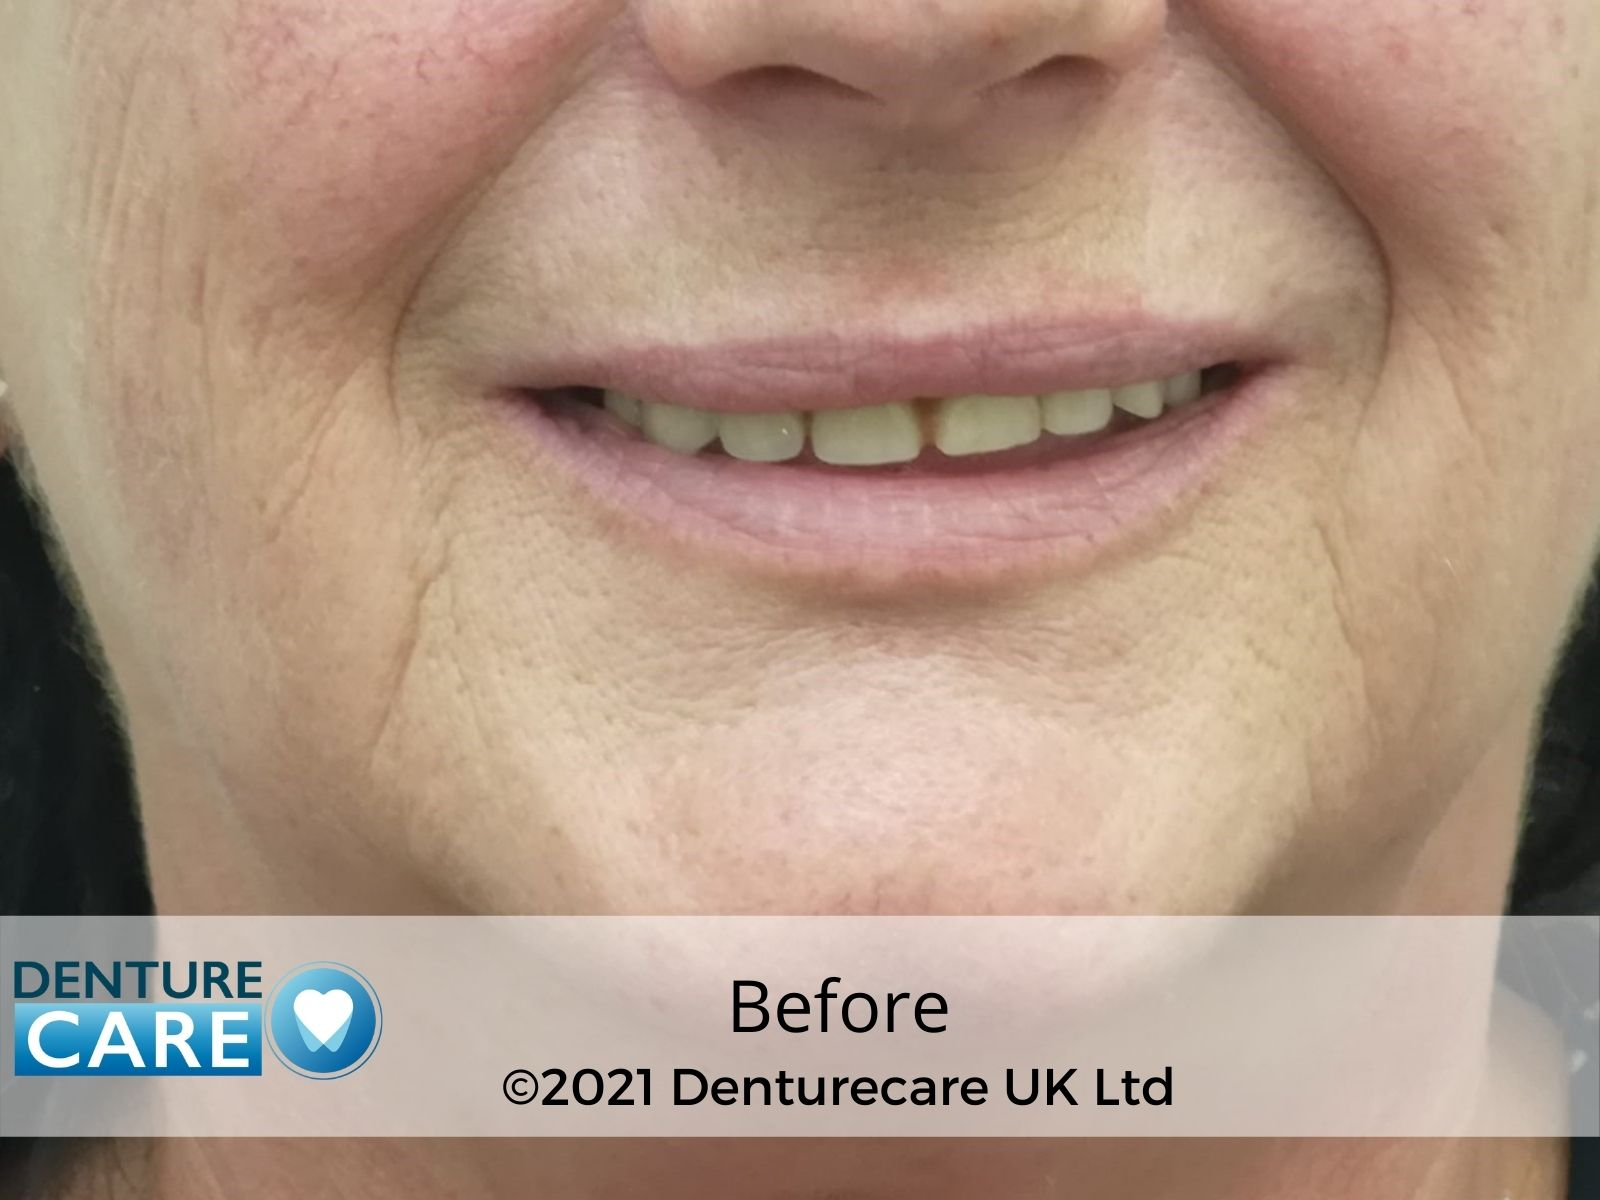 before denture photo